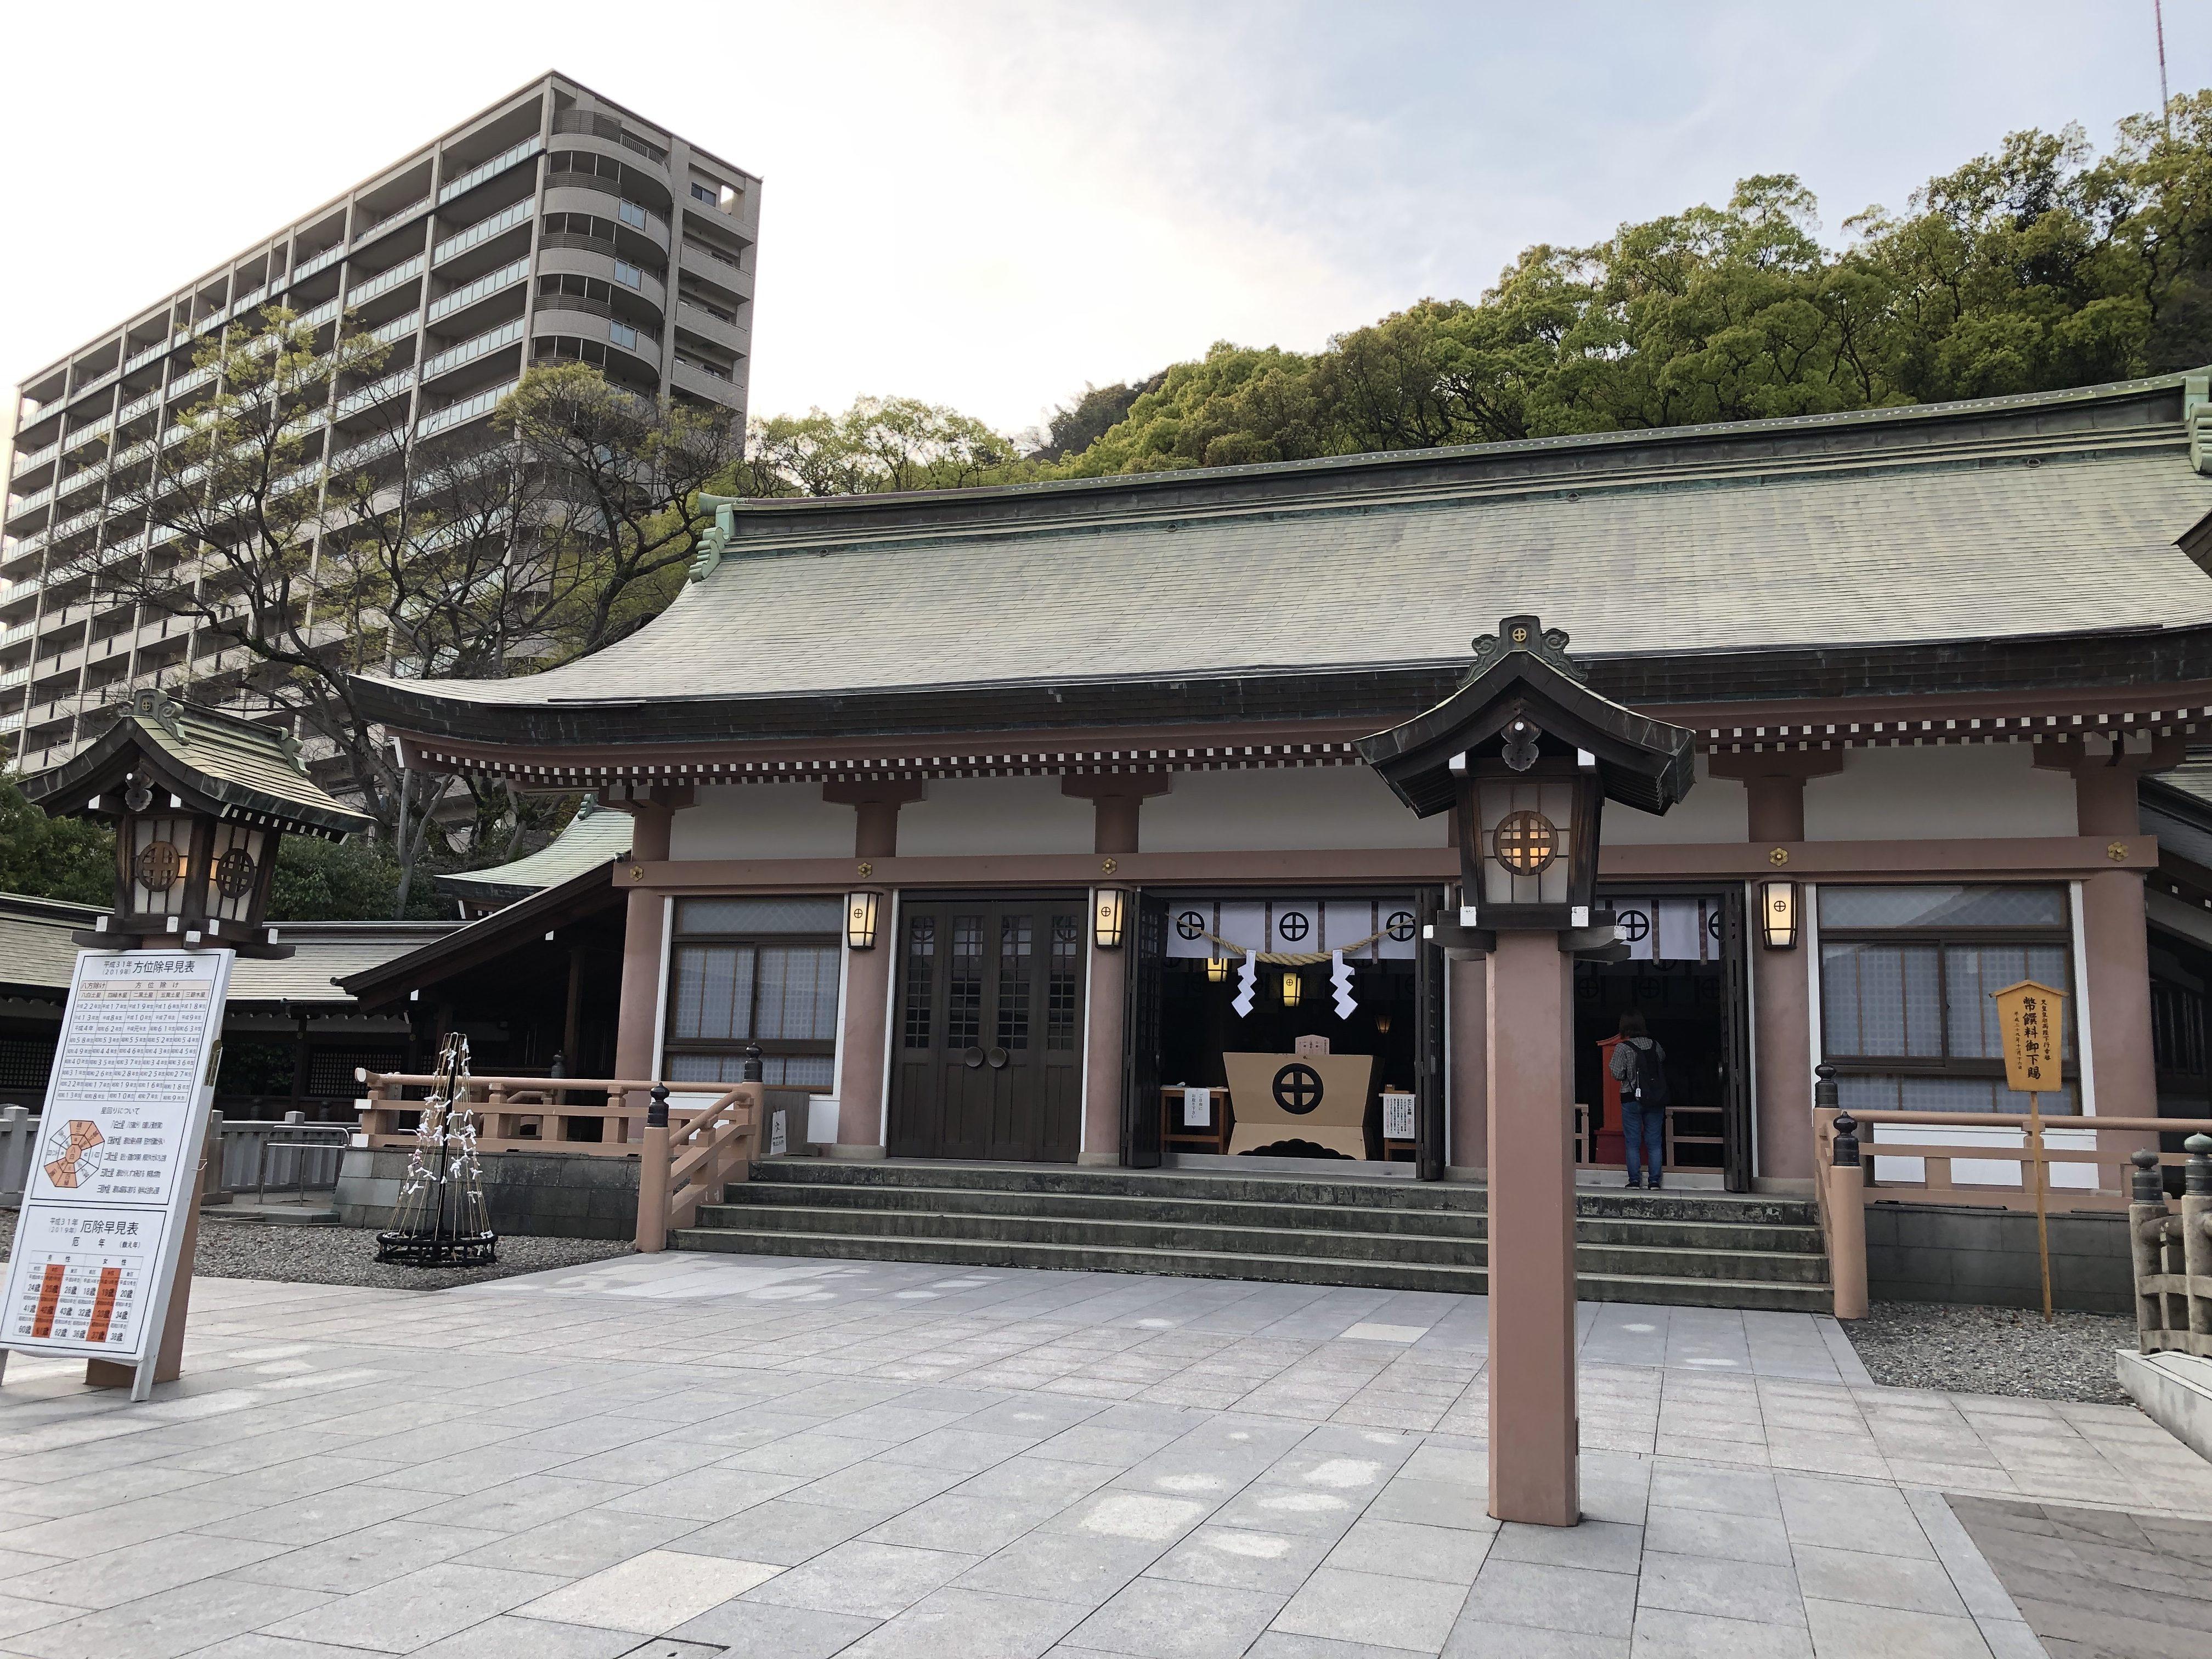 【祝・結婚】南キャン山ちゃんの結婚は照国神社の御利益かもしれない・・・!